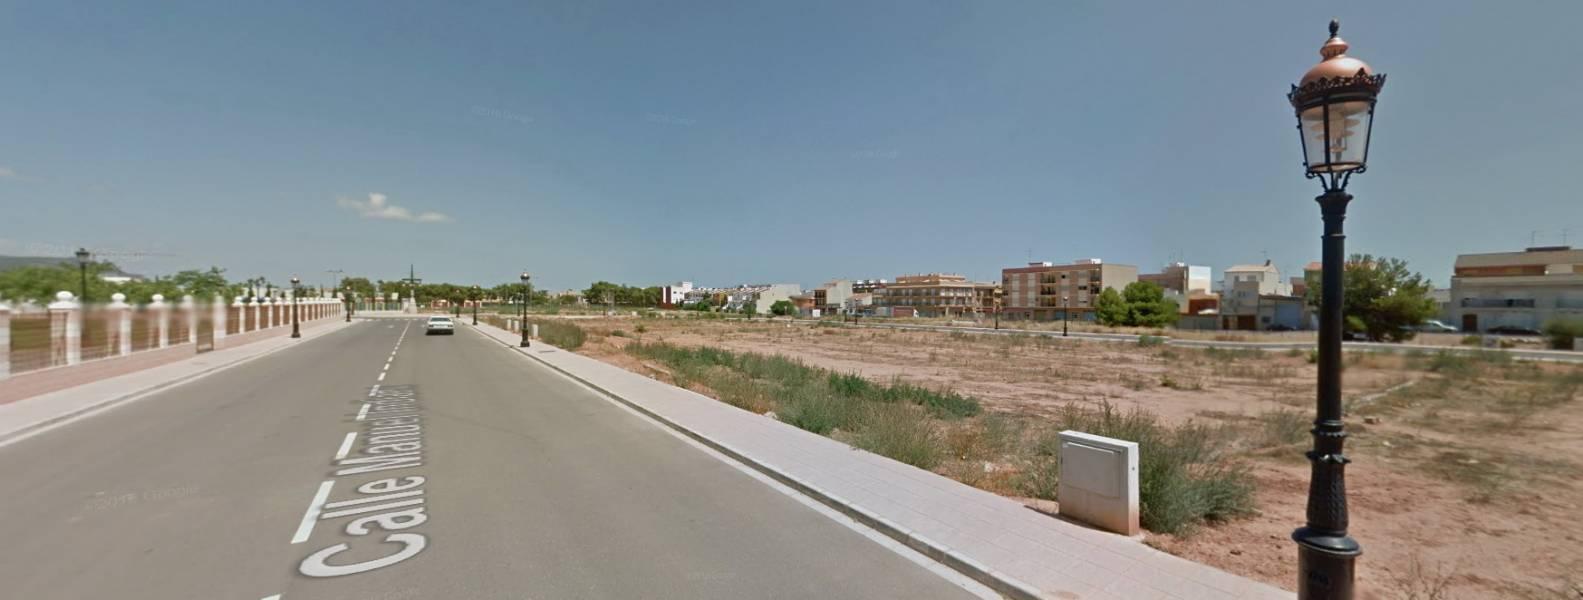 terreno-urbano en rafelbunol-rafelbunyol · rafelbunolrafelbunyol 64000€